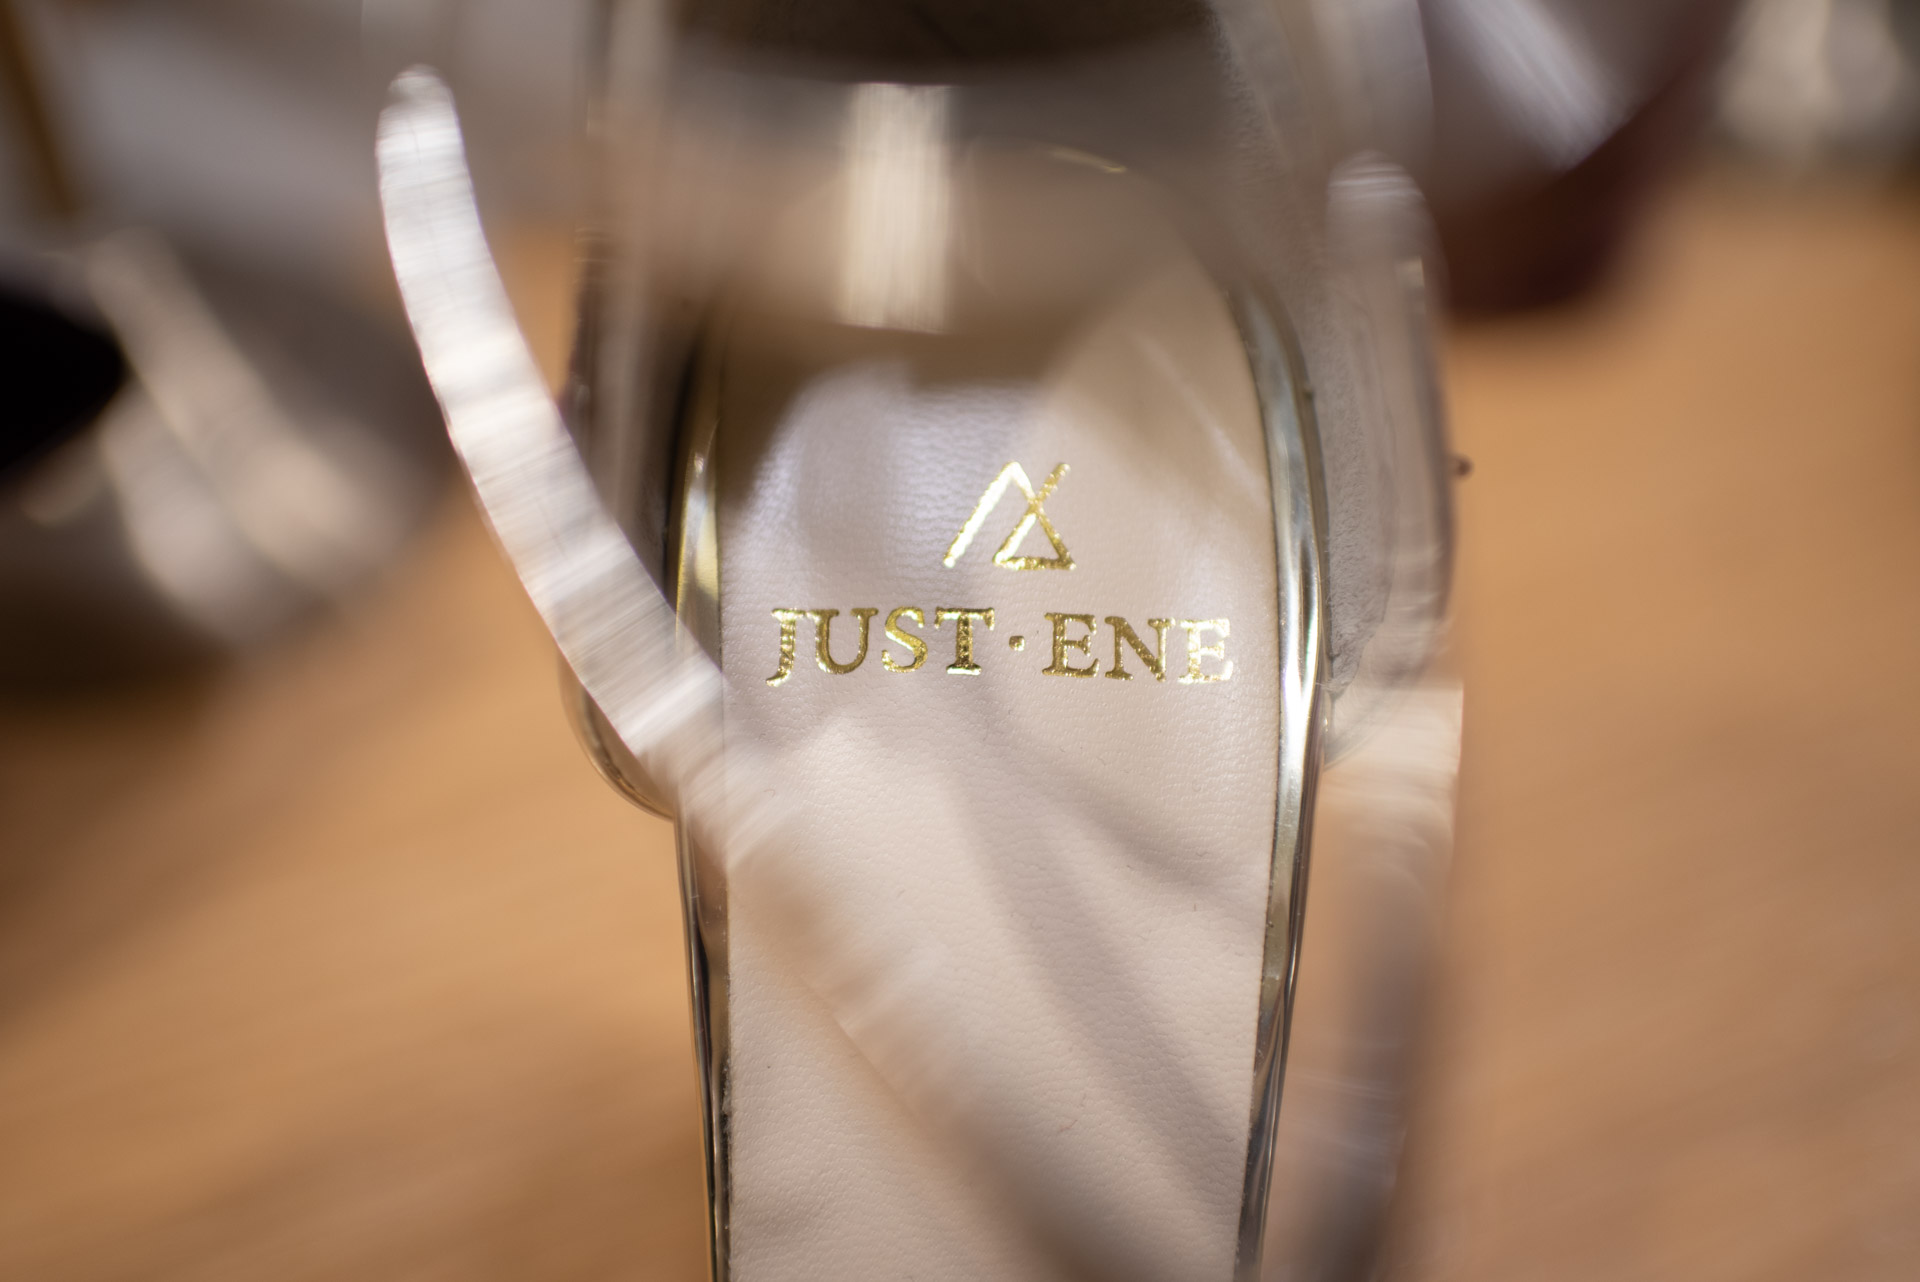 descubre los zapatos de novia del momento, pisa fuerte en tu boda con los diseños de Just ene . descubrelo en el blog de wedding ideas